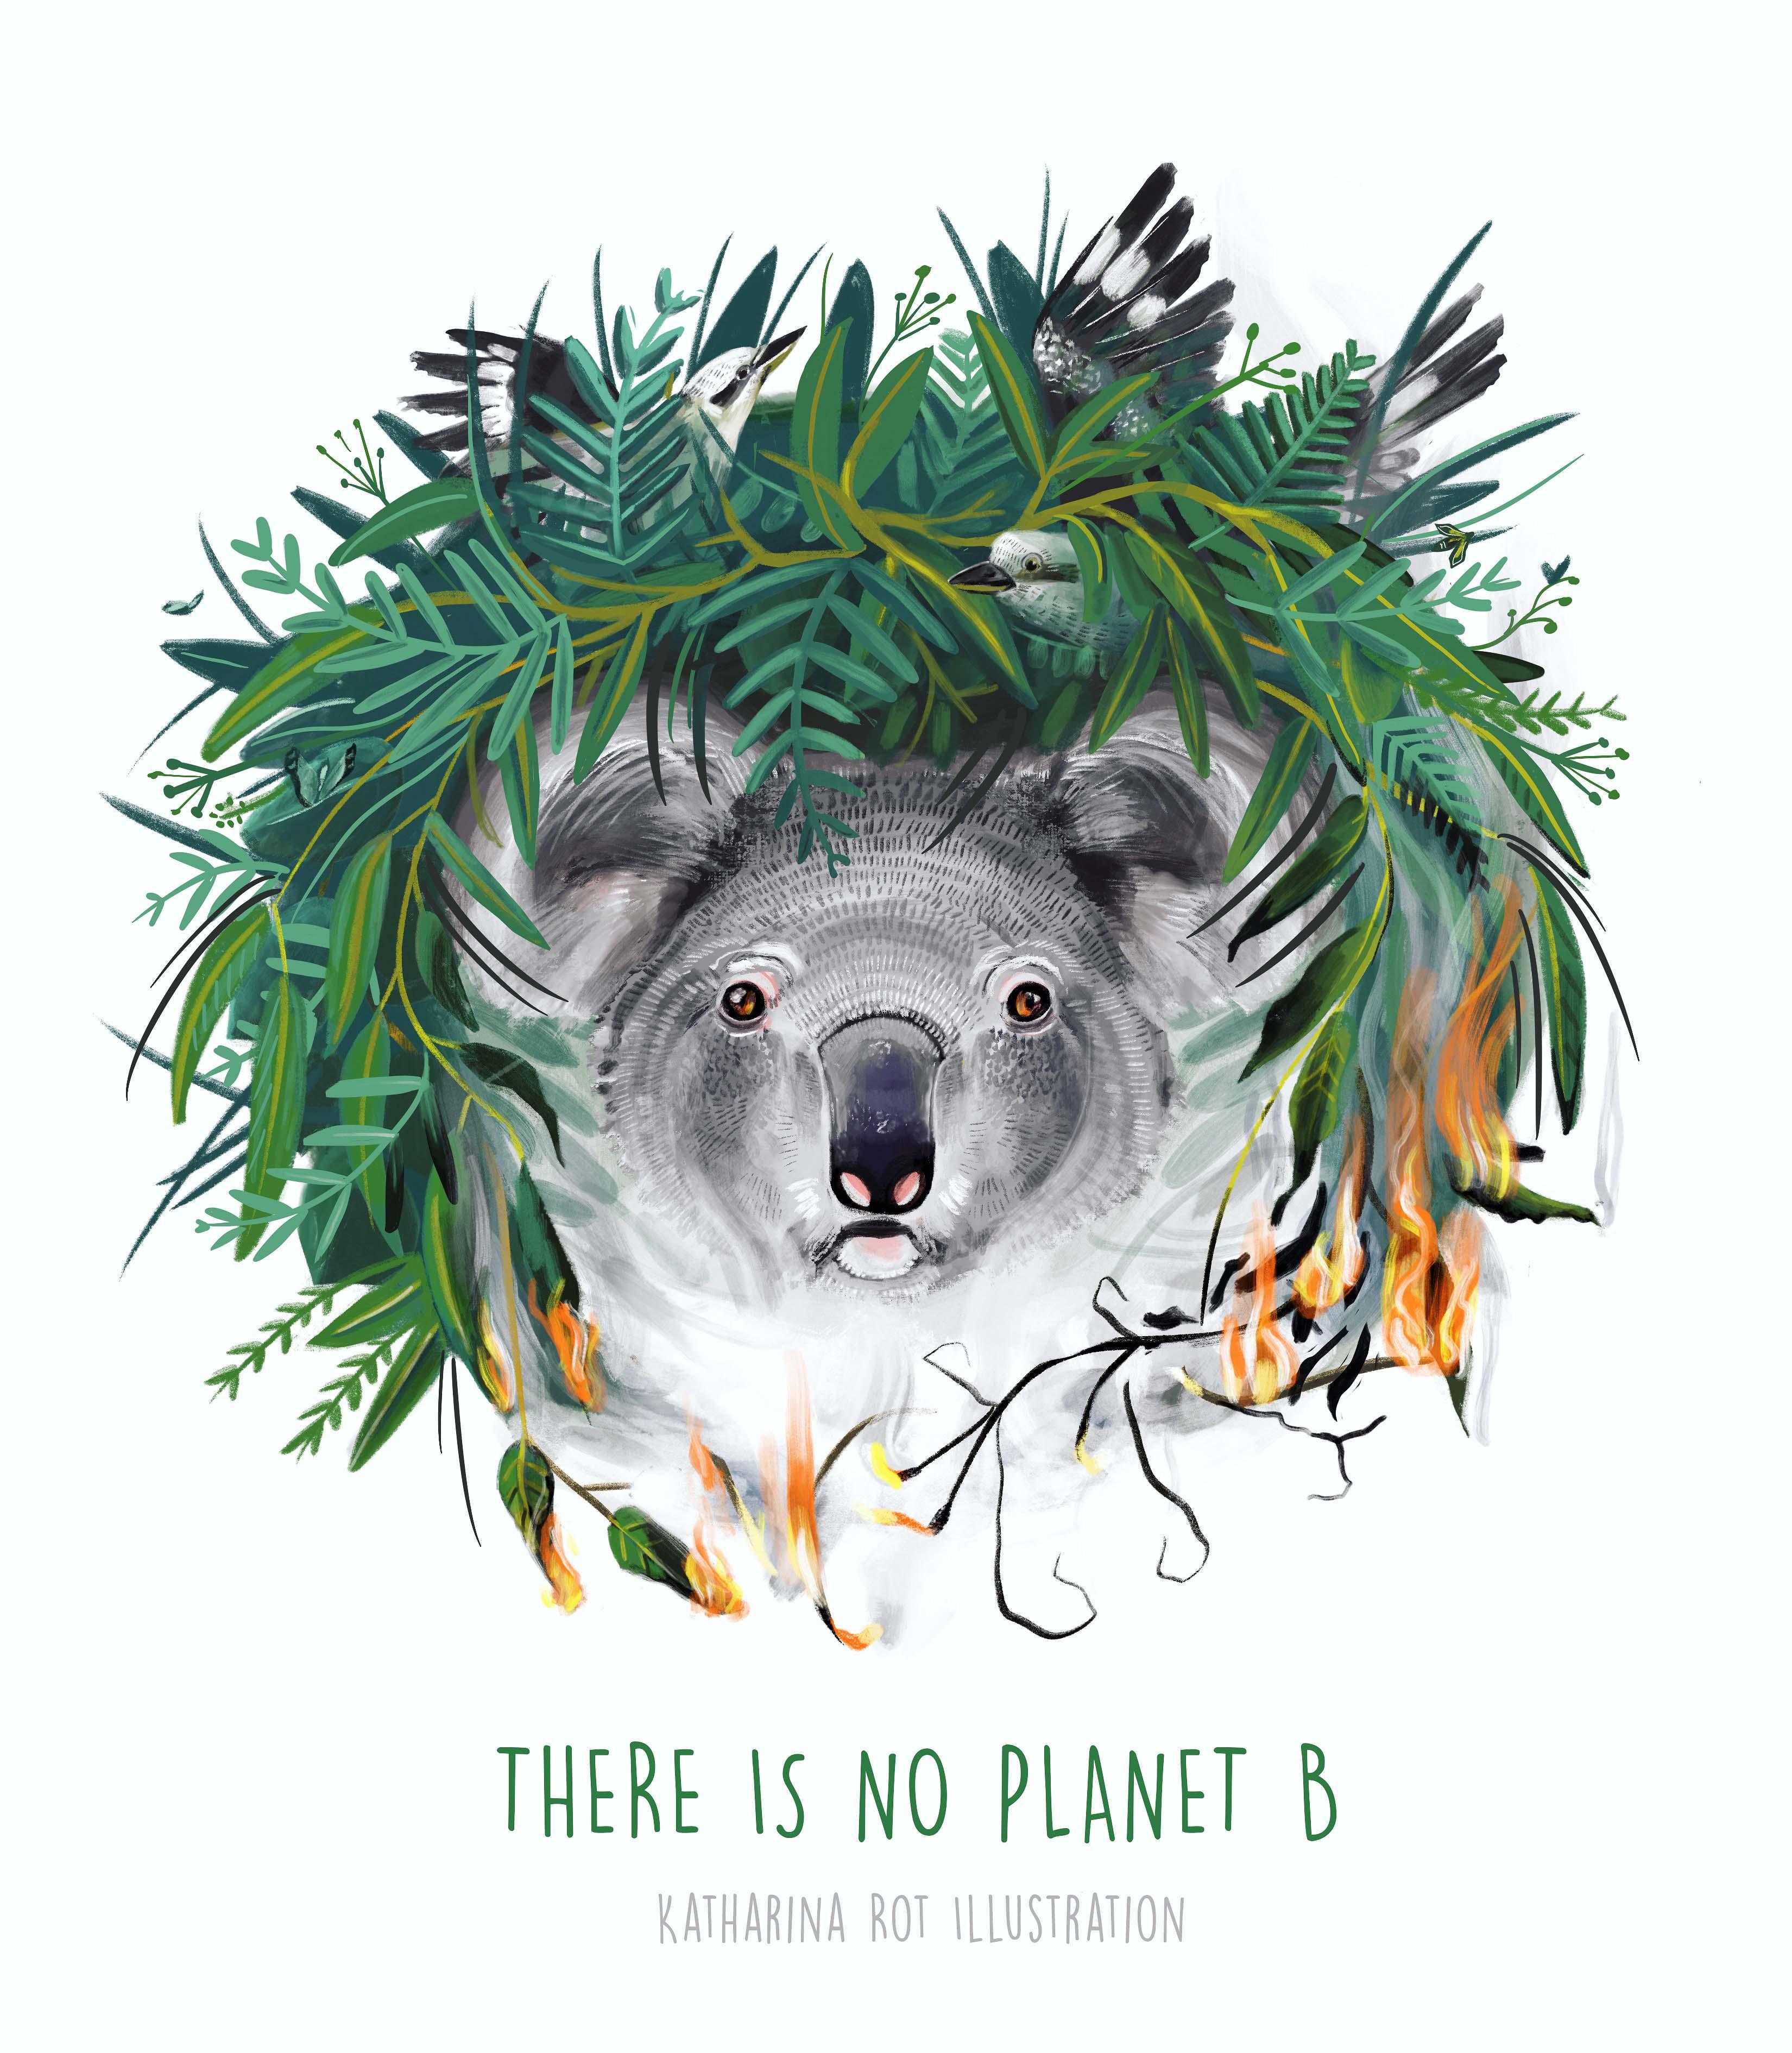 Australian_fire_planetb_illustration_insta_kl